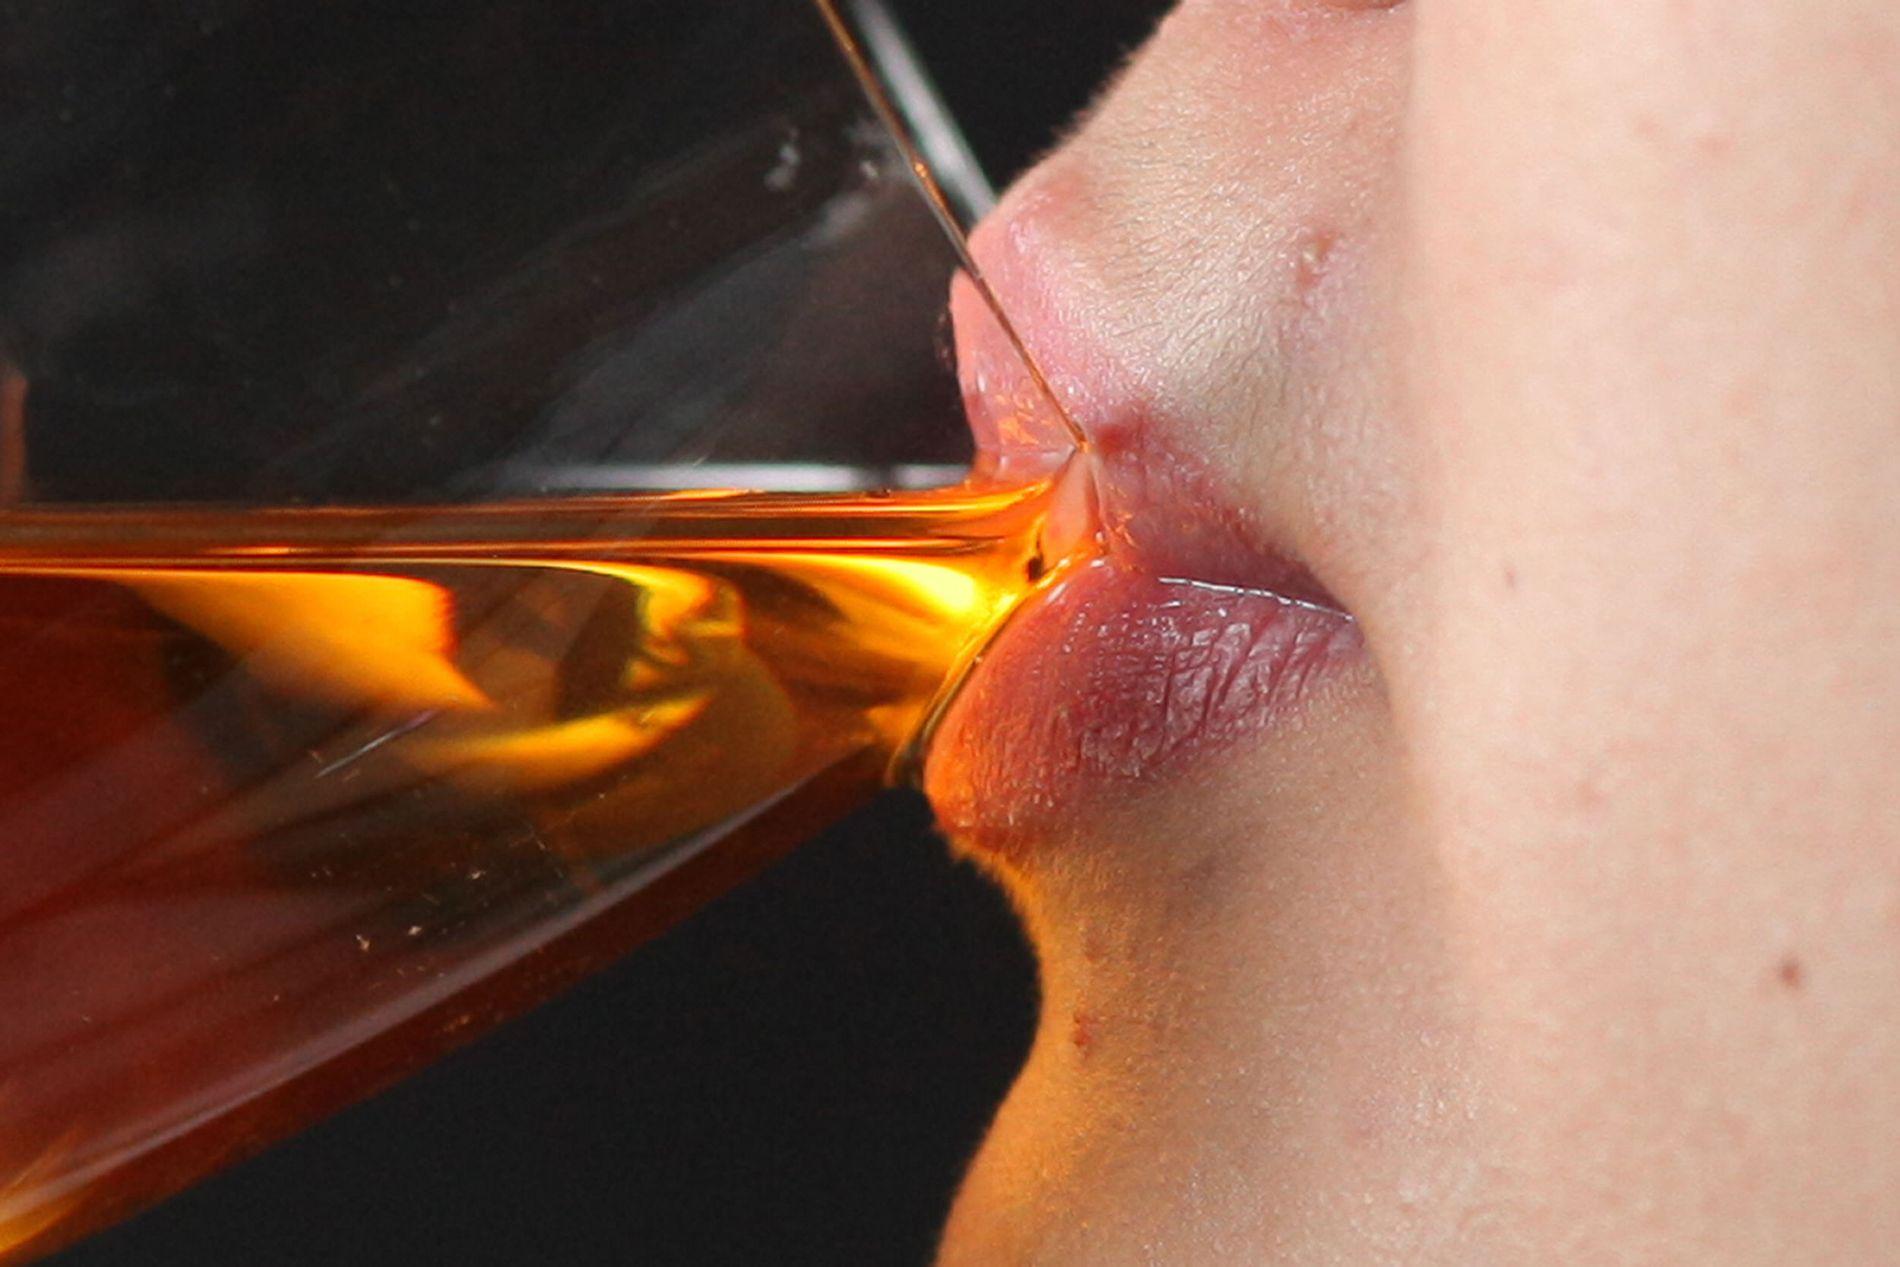 FRYKTER FOR WHISKYEN: Er du en kvalitetsbevisst whiskydrikker? Skotske whiskyprodusenter frykter nå at Brexit kan føre til at definisjonen på hva som kan selges som skotsk whisky blir endret.